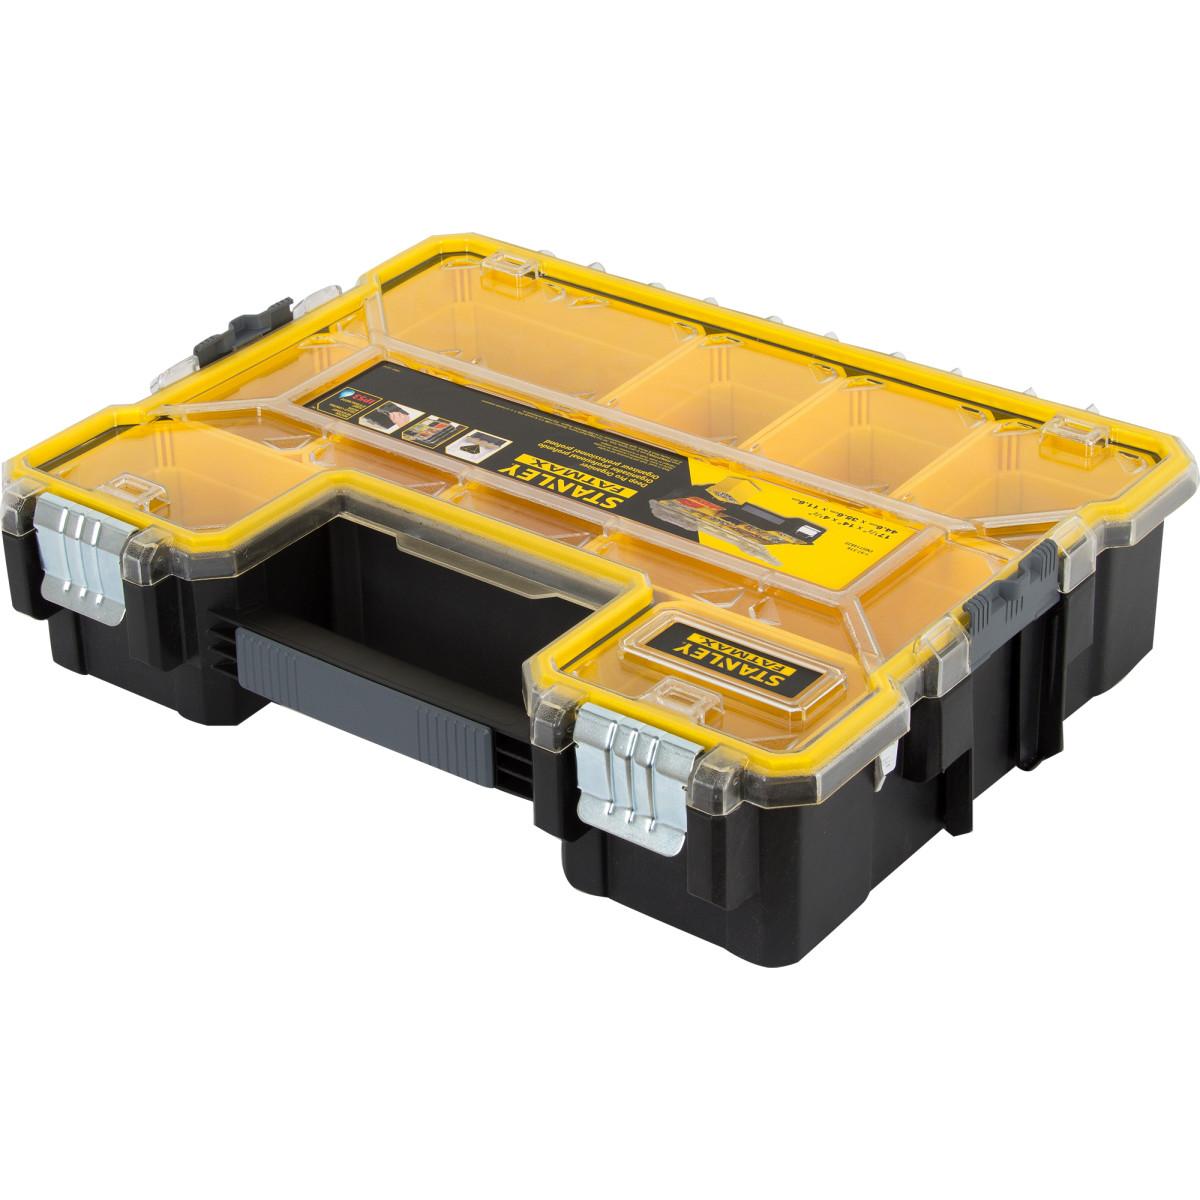 Органайзер Fatmax Deep Pro Metal Latch влагозащищенный 446х357х116 мм 10 ящиков пластик/металл